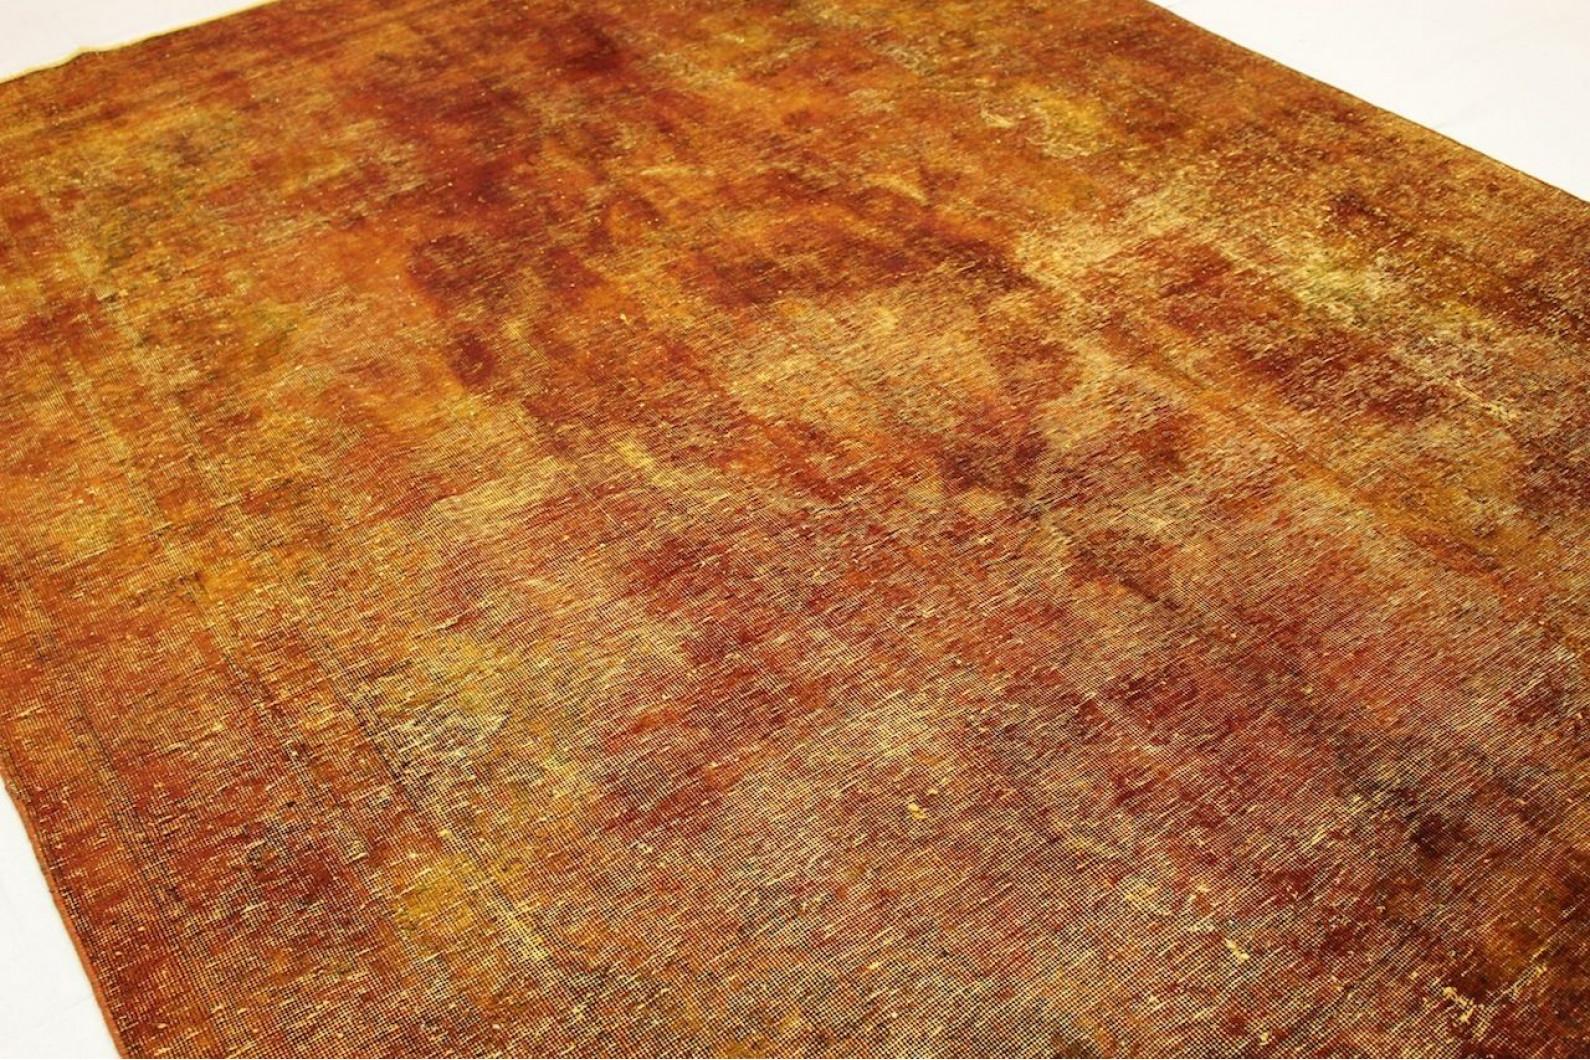 vintage teppich braun rost in 330x250cm 1001 3002 bei kaufen. Black Bedroom Furniture Sets. Home Design Ideas